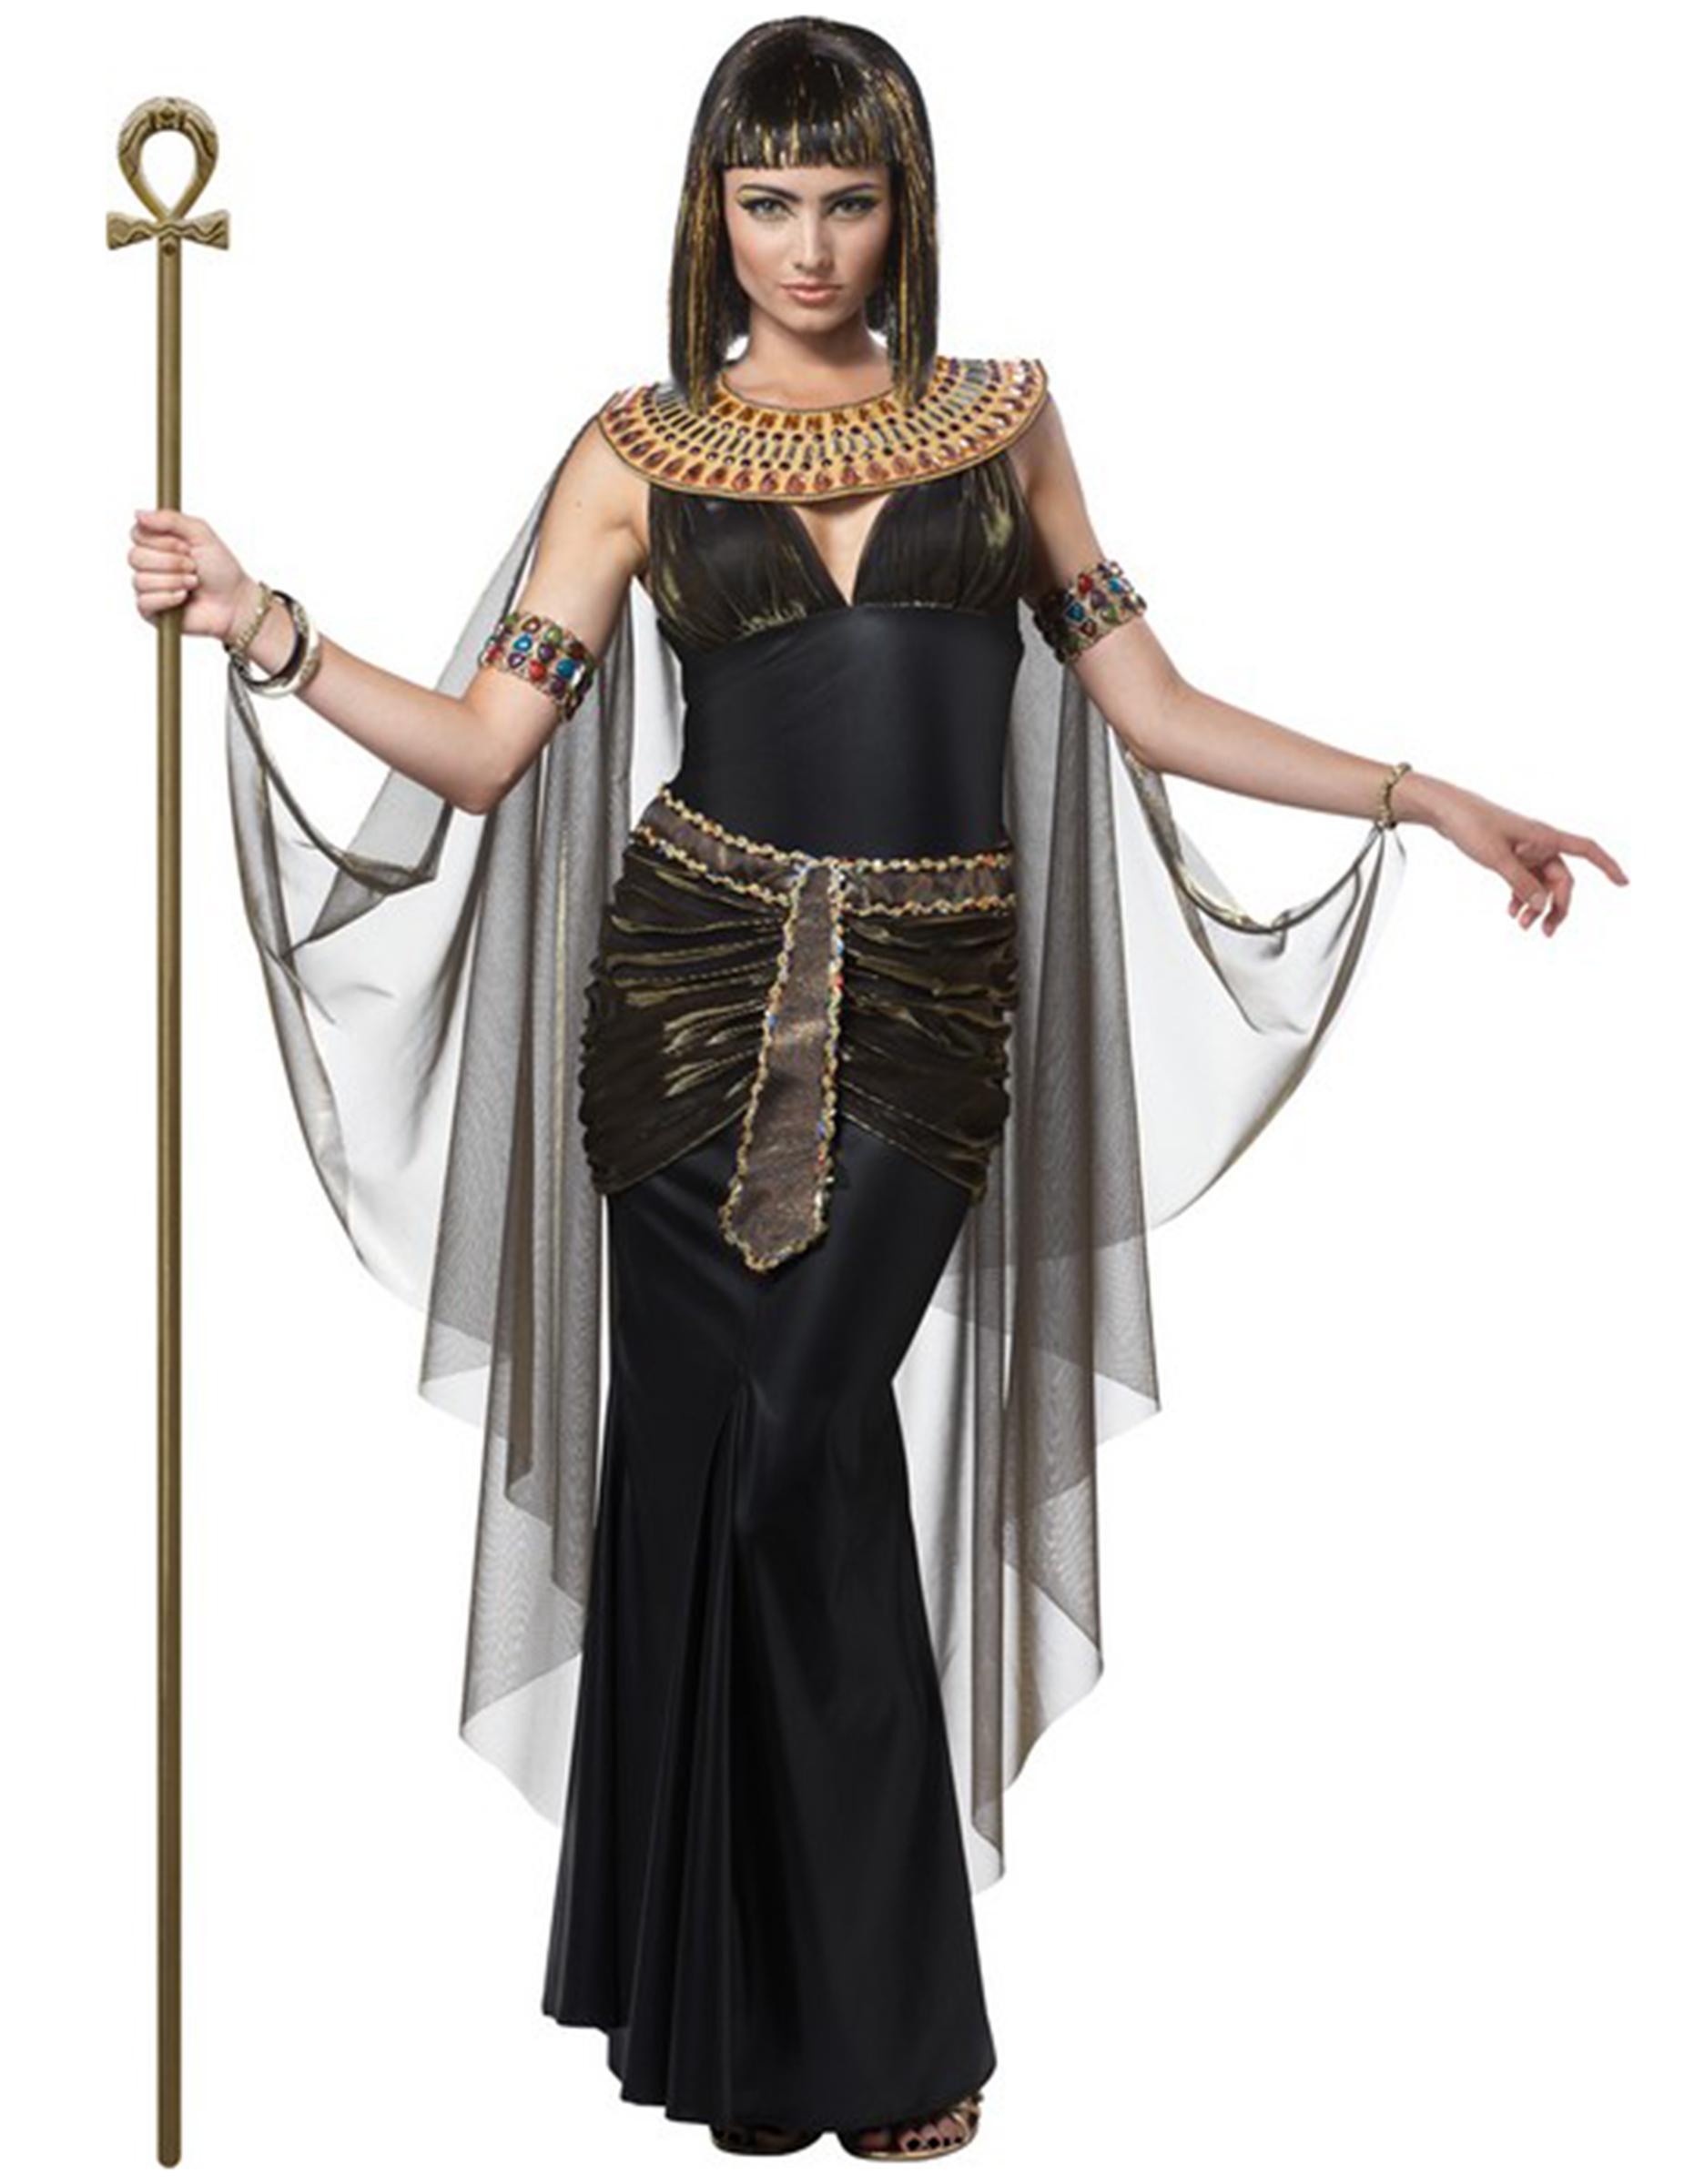 95682d75daf4 Costume cleopatra adulto: Costumi adulti,e vestiti di carnevale ...